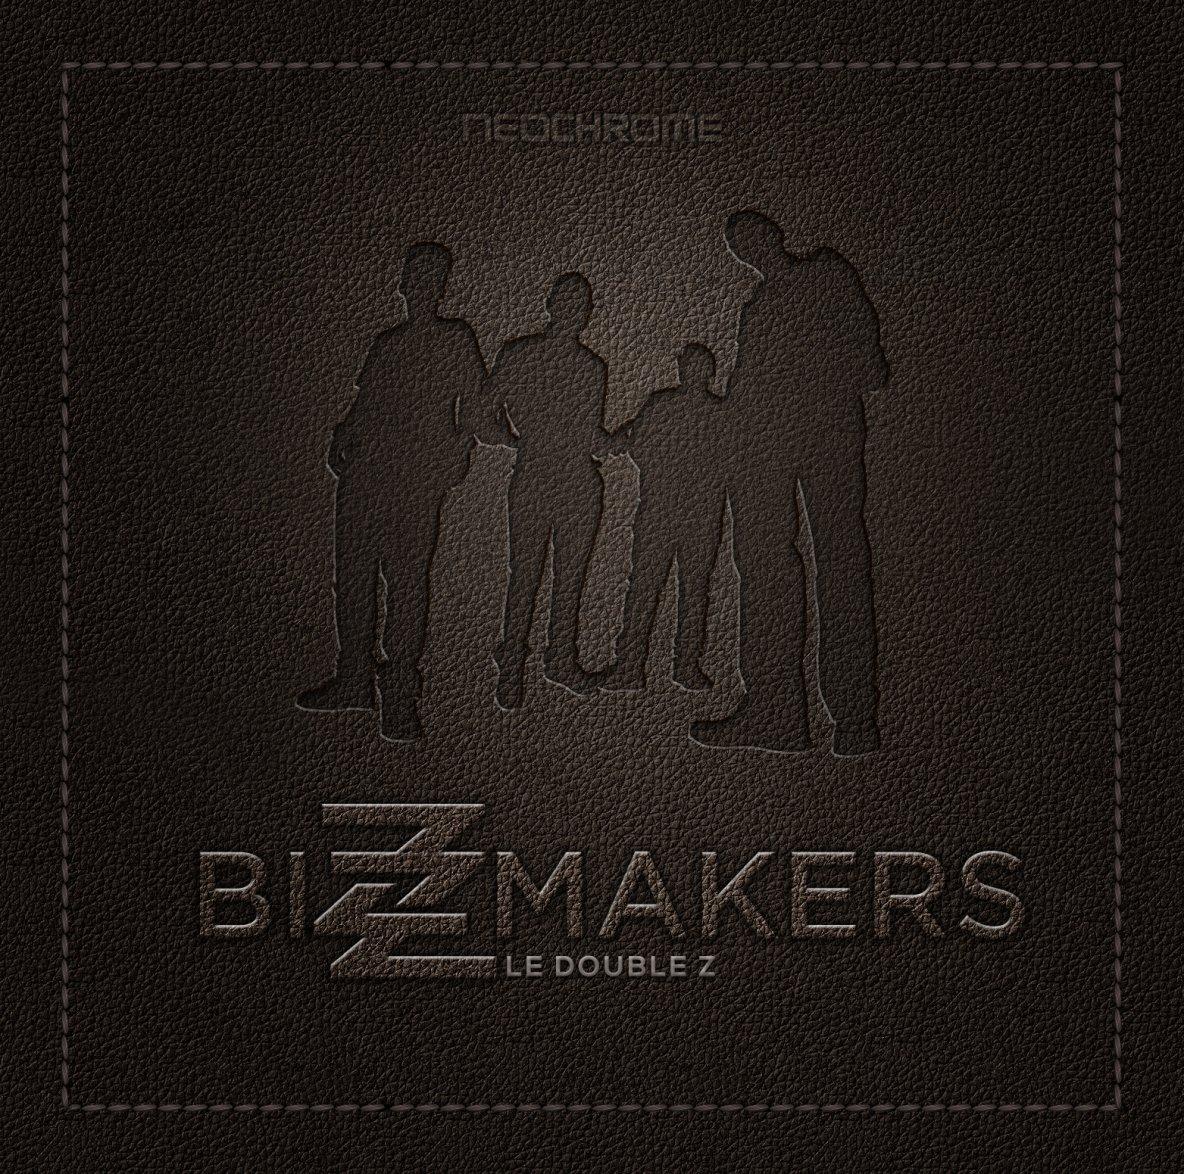 [STREET ALBUM] BIZZMAKERS   LE DOUBLE Z   Disponible !